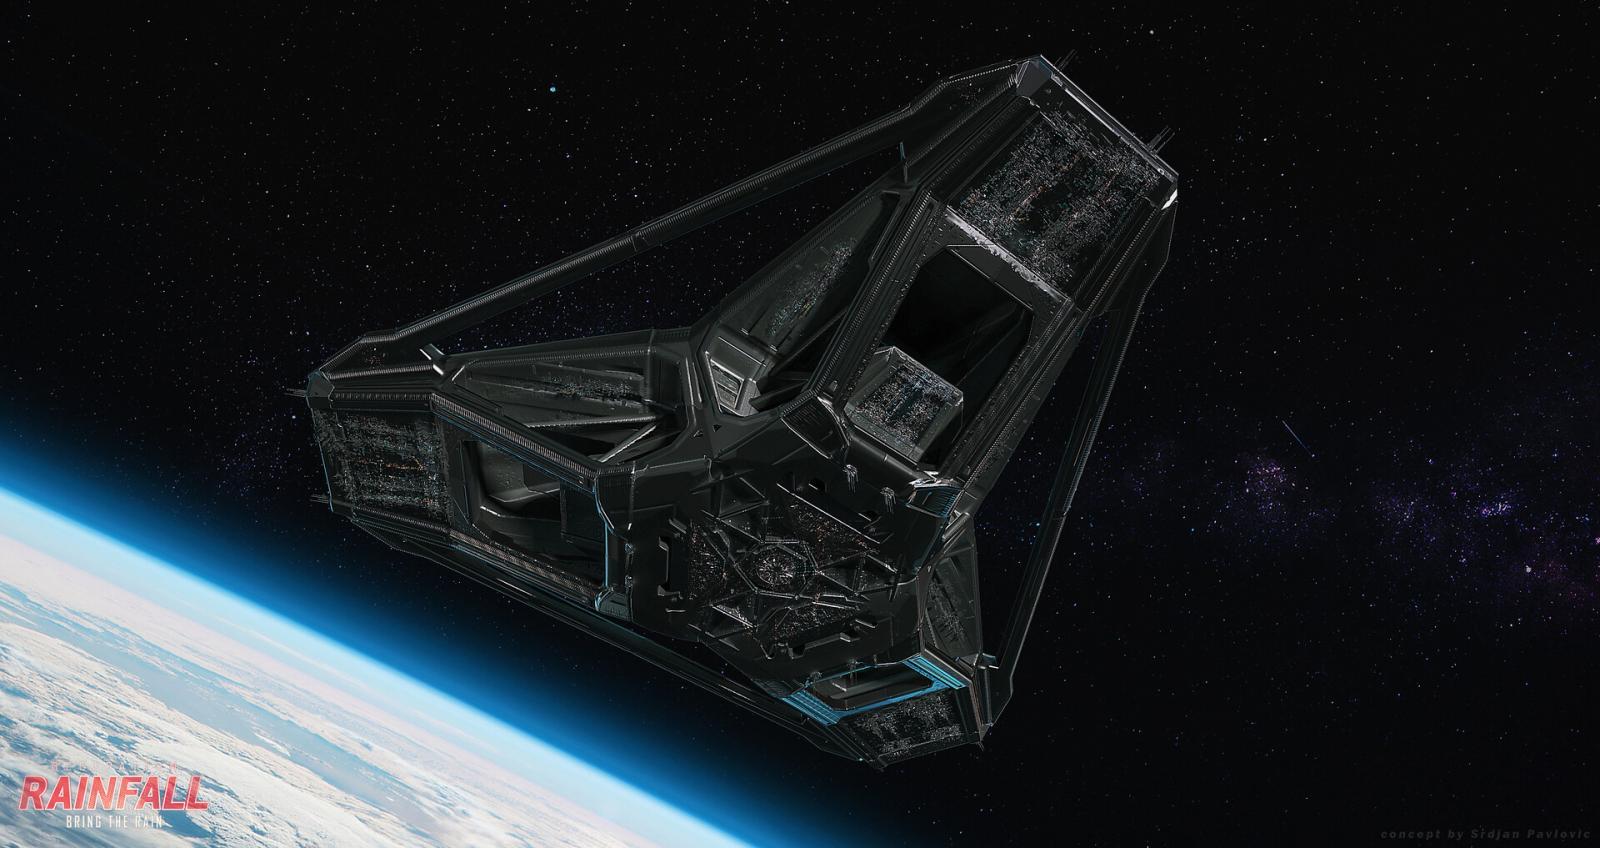 srdjan-pavlovic-alien-ship-1.jpg